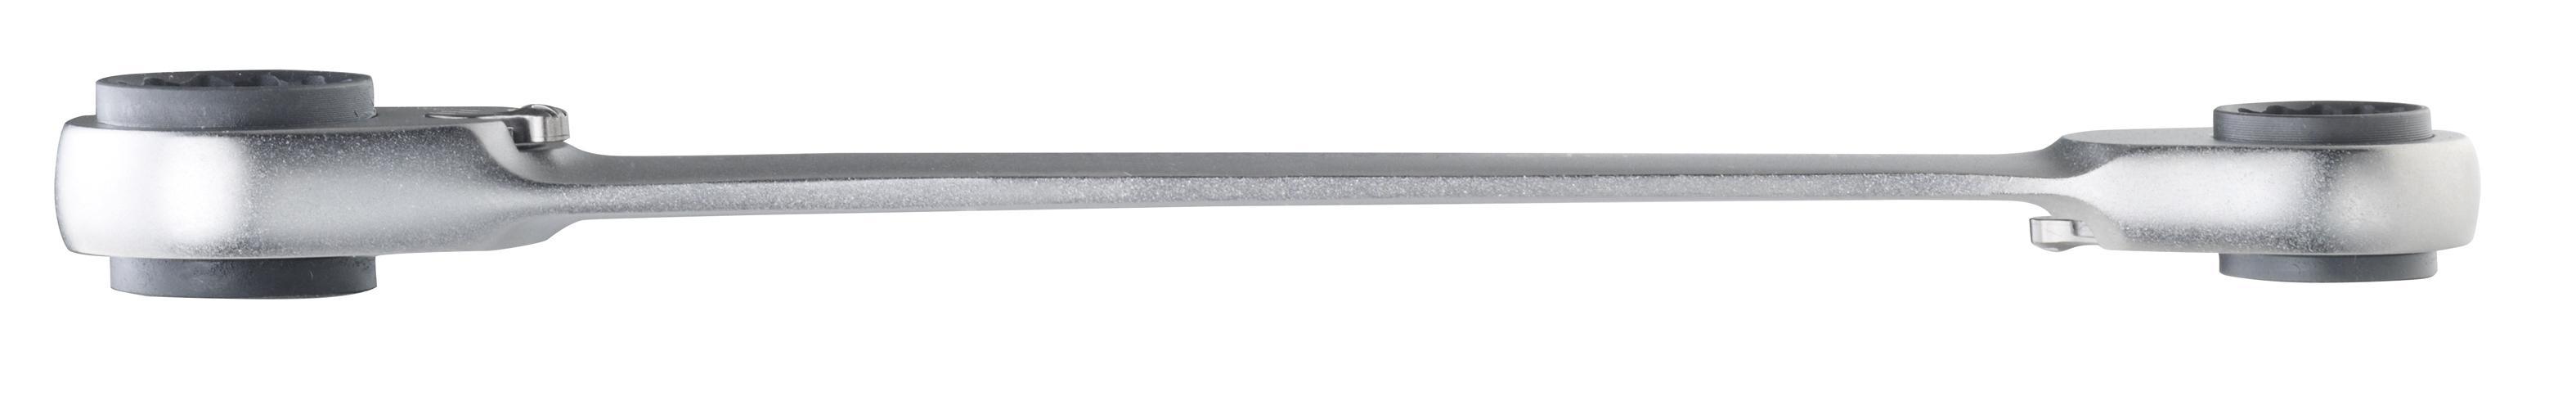 Micro-Speeder Klucz oczkowy z grzechotką, poczwórny, 10 - 19 mm   PROXXON